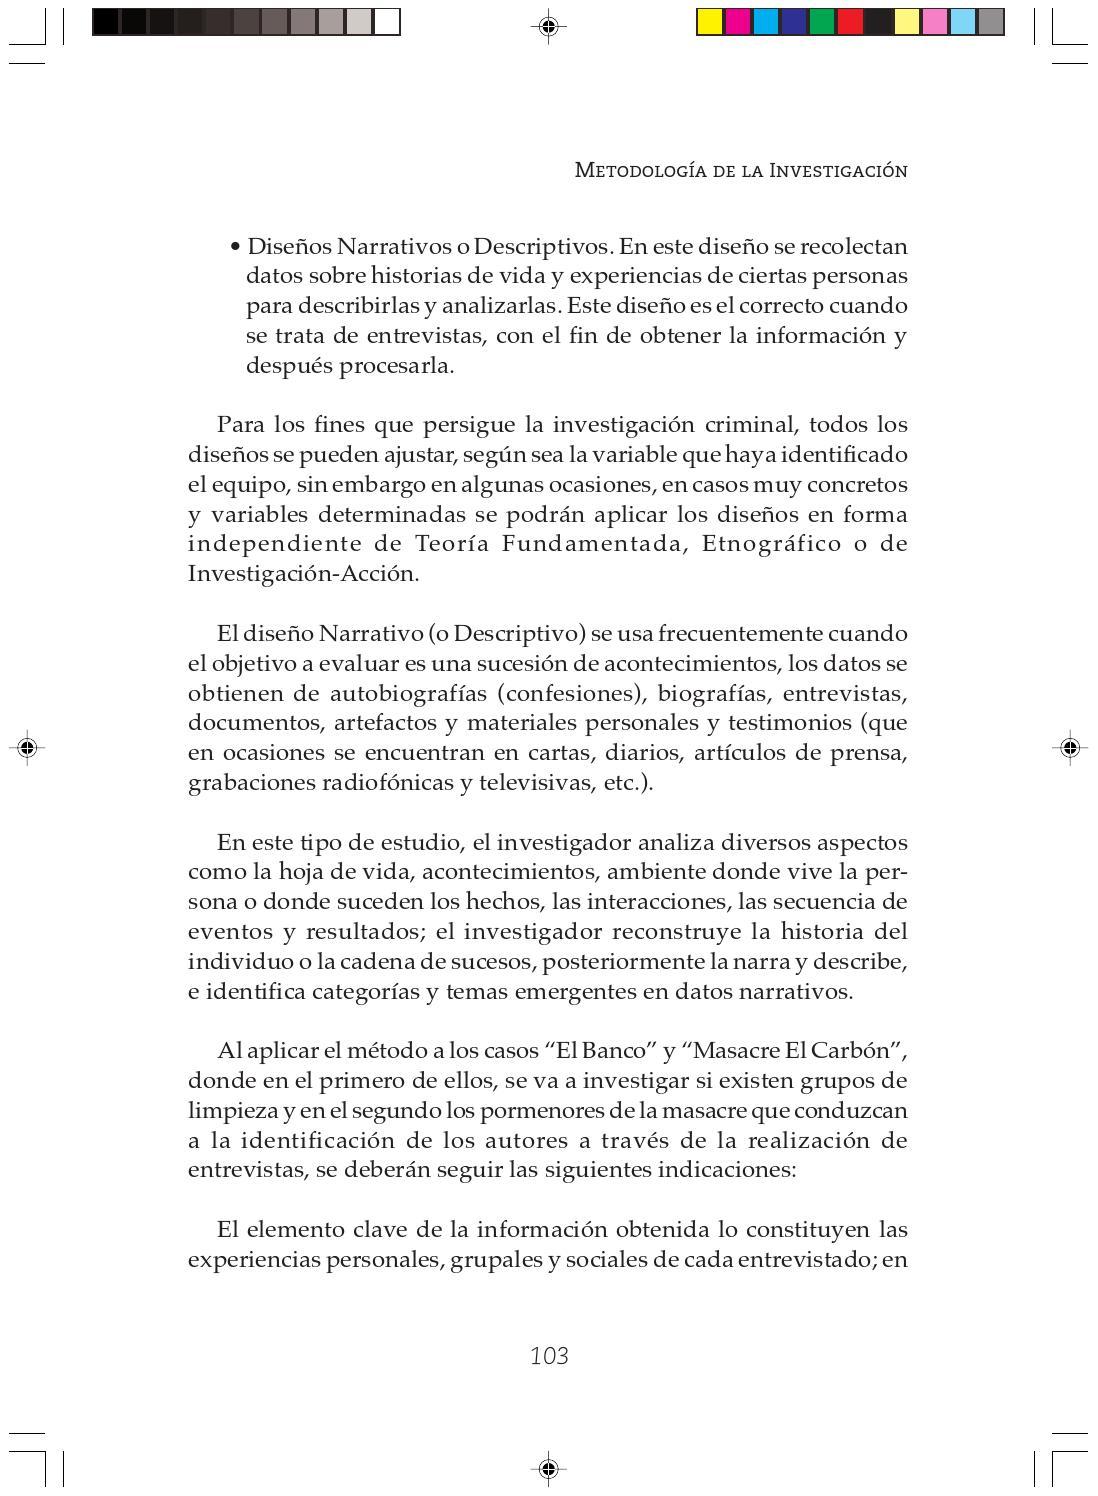 Metodologia de la investigacion y manejo informacion inv criminal by ...